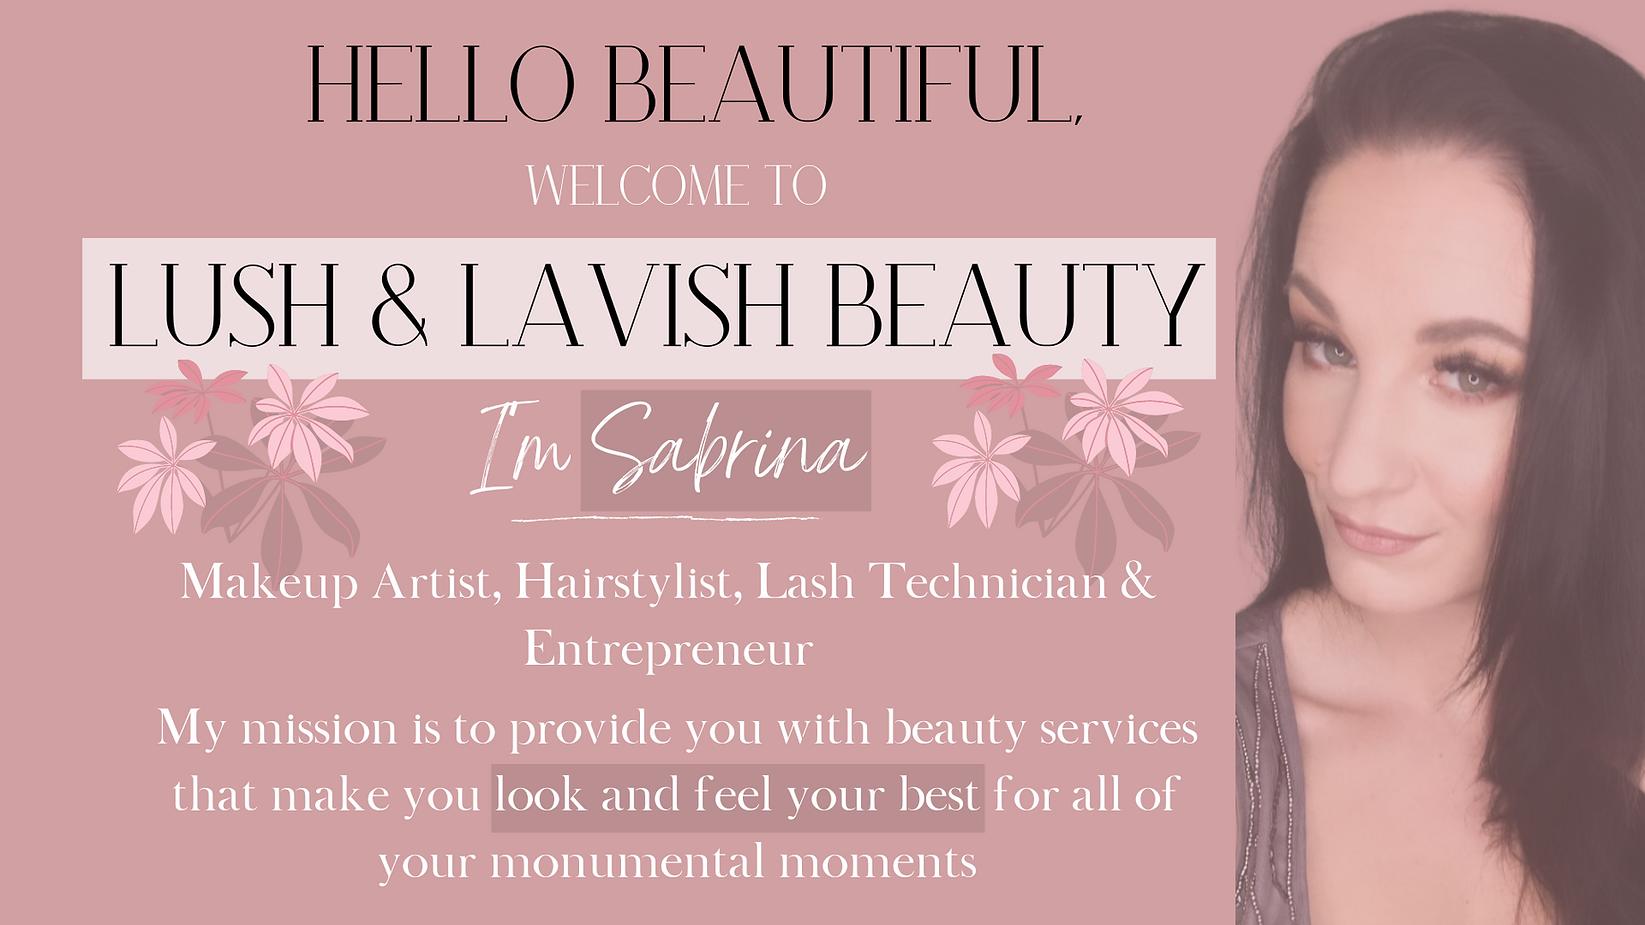 Edmonton Makeup Artist Hairstylist Lash Technician